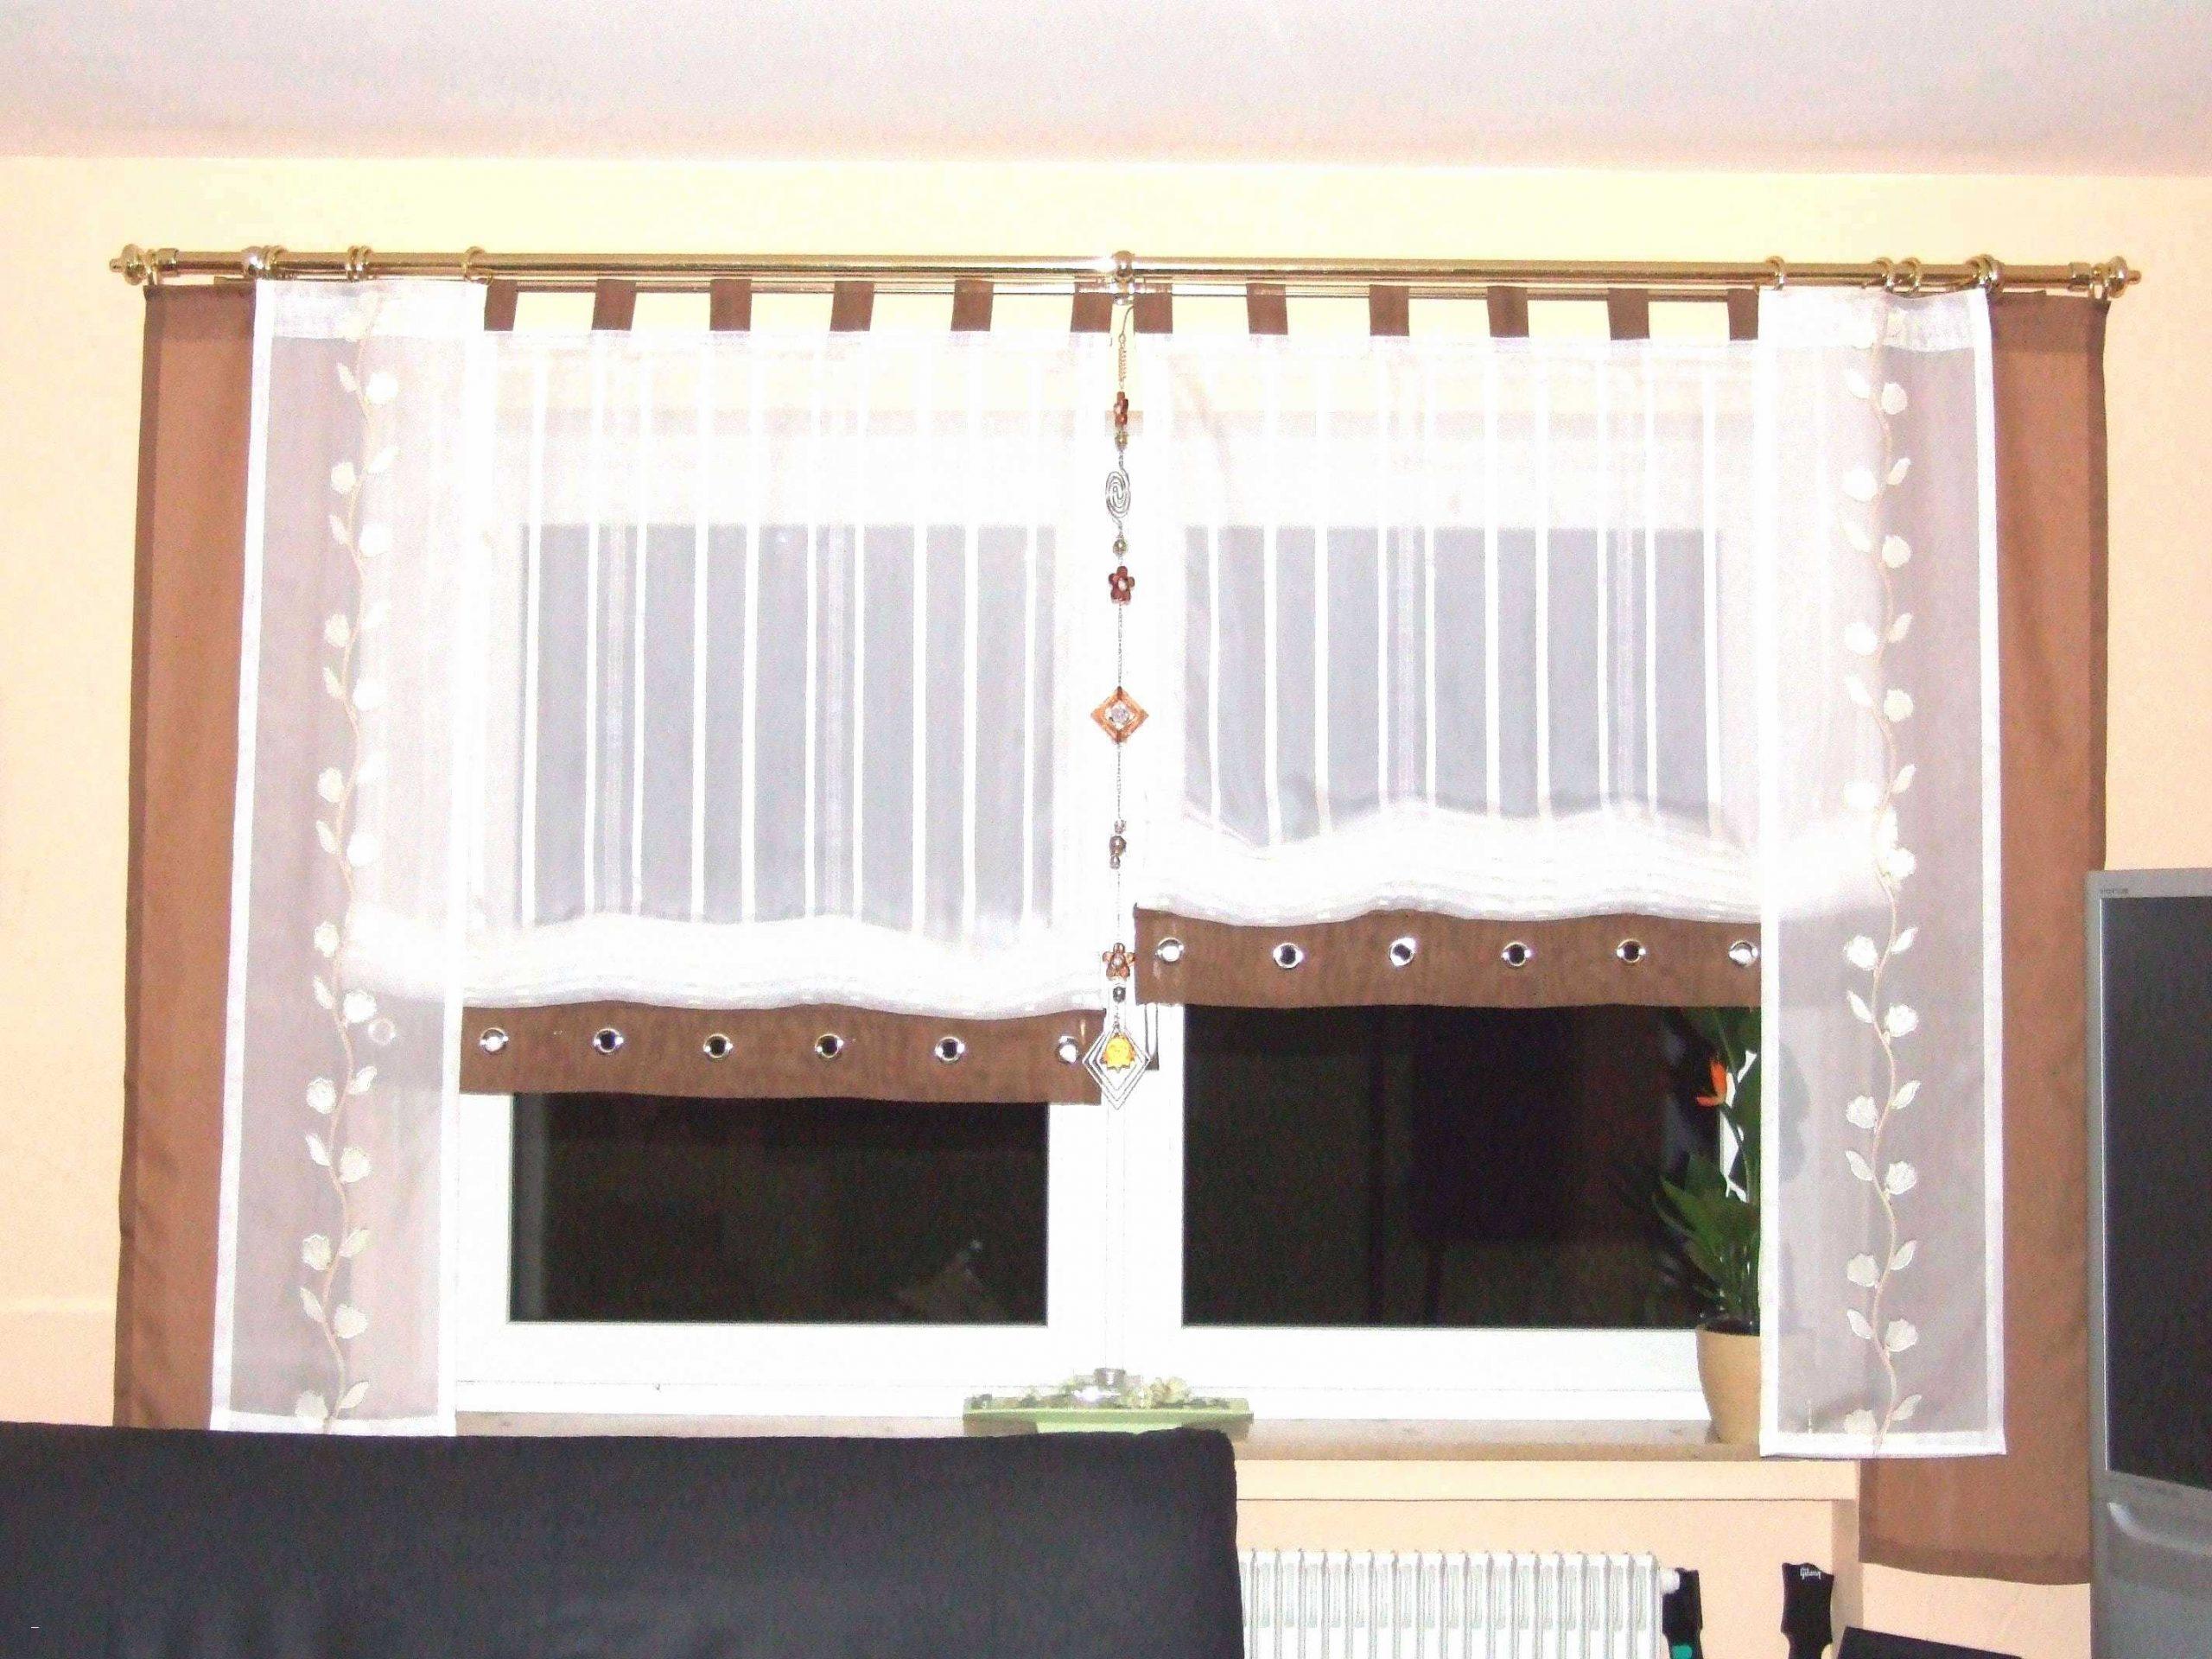 Full Size of Gardinen Modern Wohnzimmer 59 Frisch Moderne Elegant Tolles Heizkörper Decken Tapeten Ideen Für Küche Poster Anbauwand Fenster Komplett Indirekte Wohnzimmer Gardinen Modern Wohnzimmer